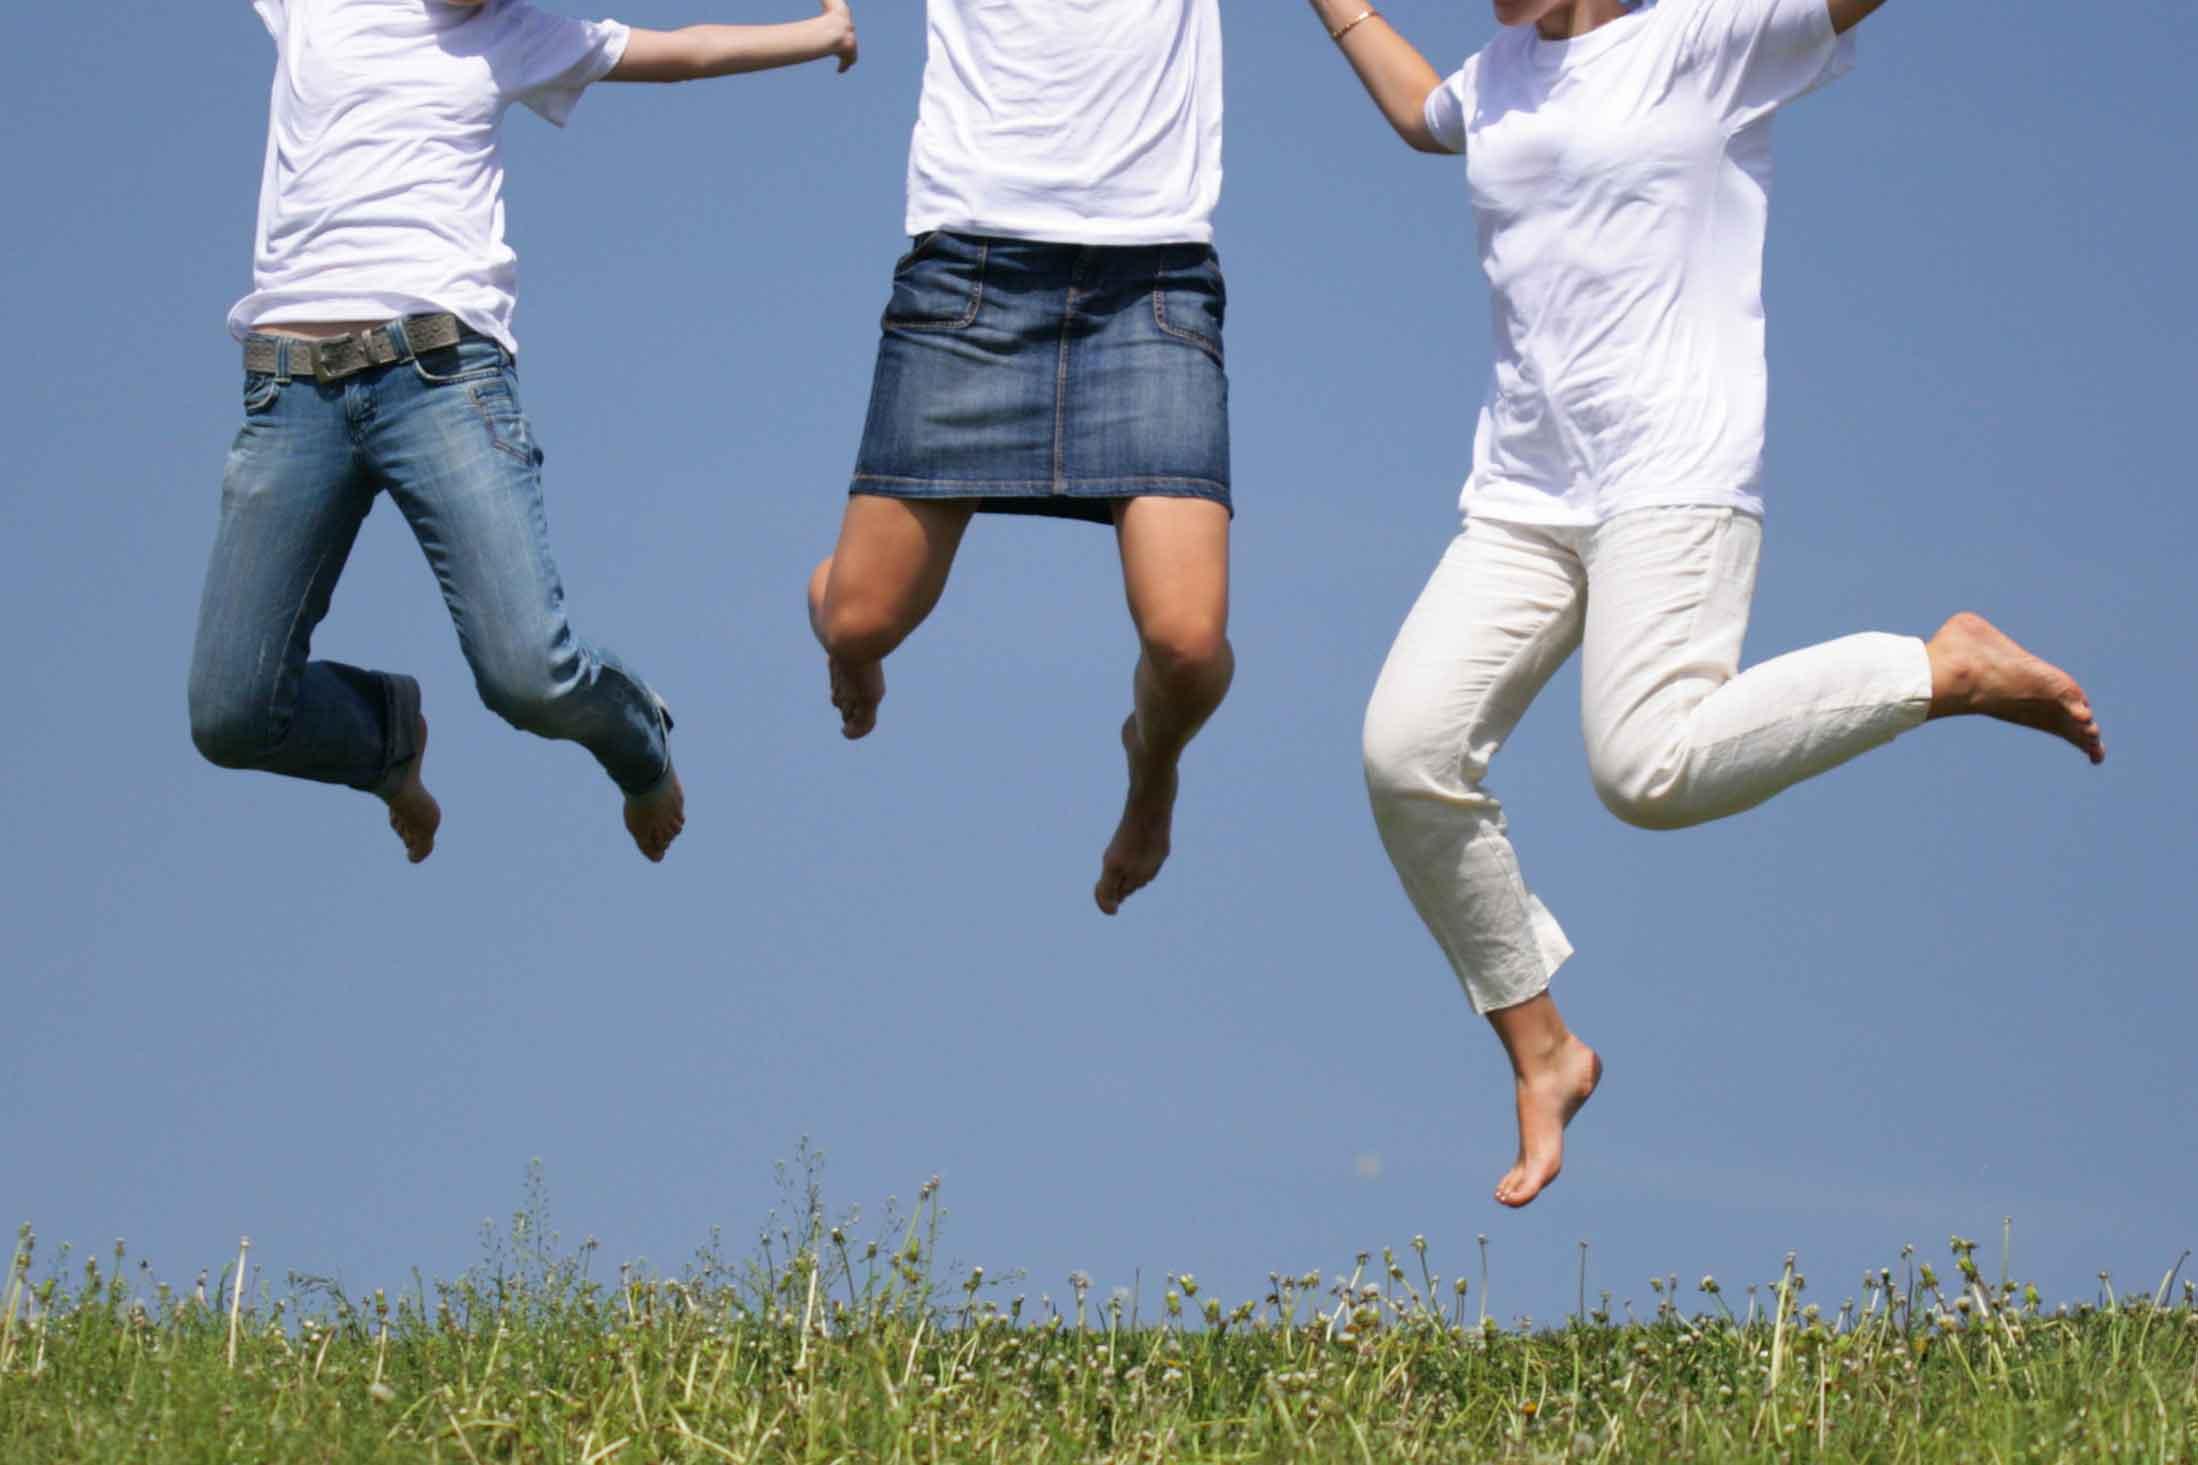 ジャンプする3人